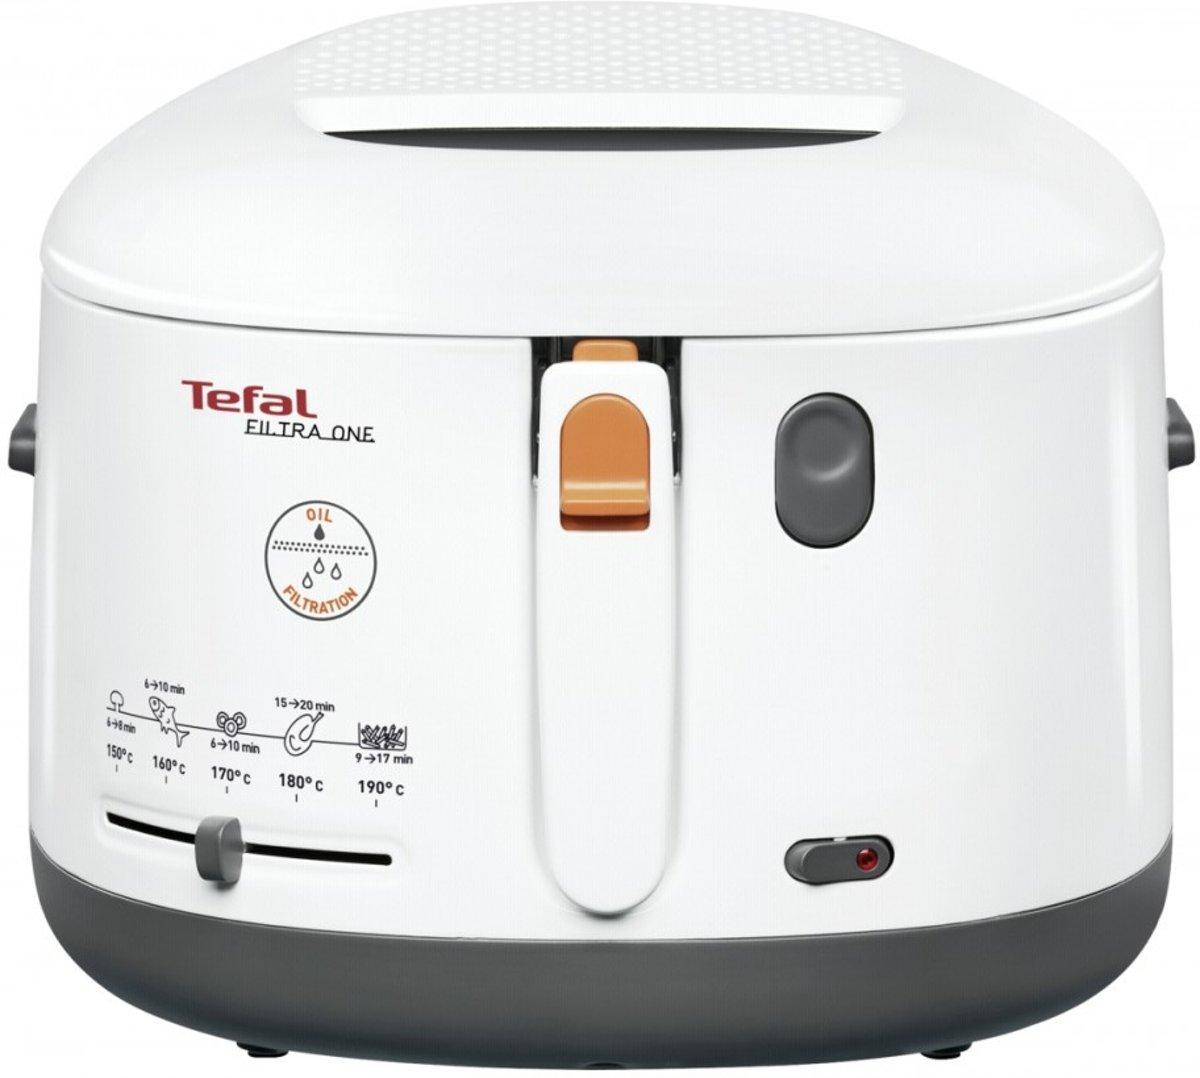 Tefal One Filtra  FF 1631 Frituurpan